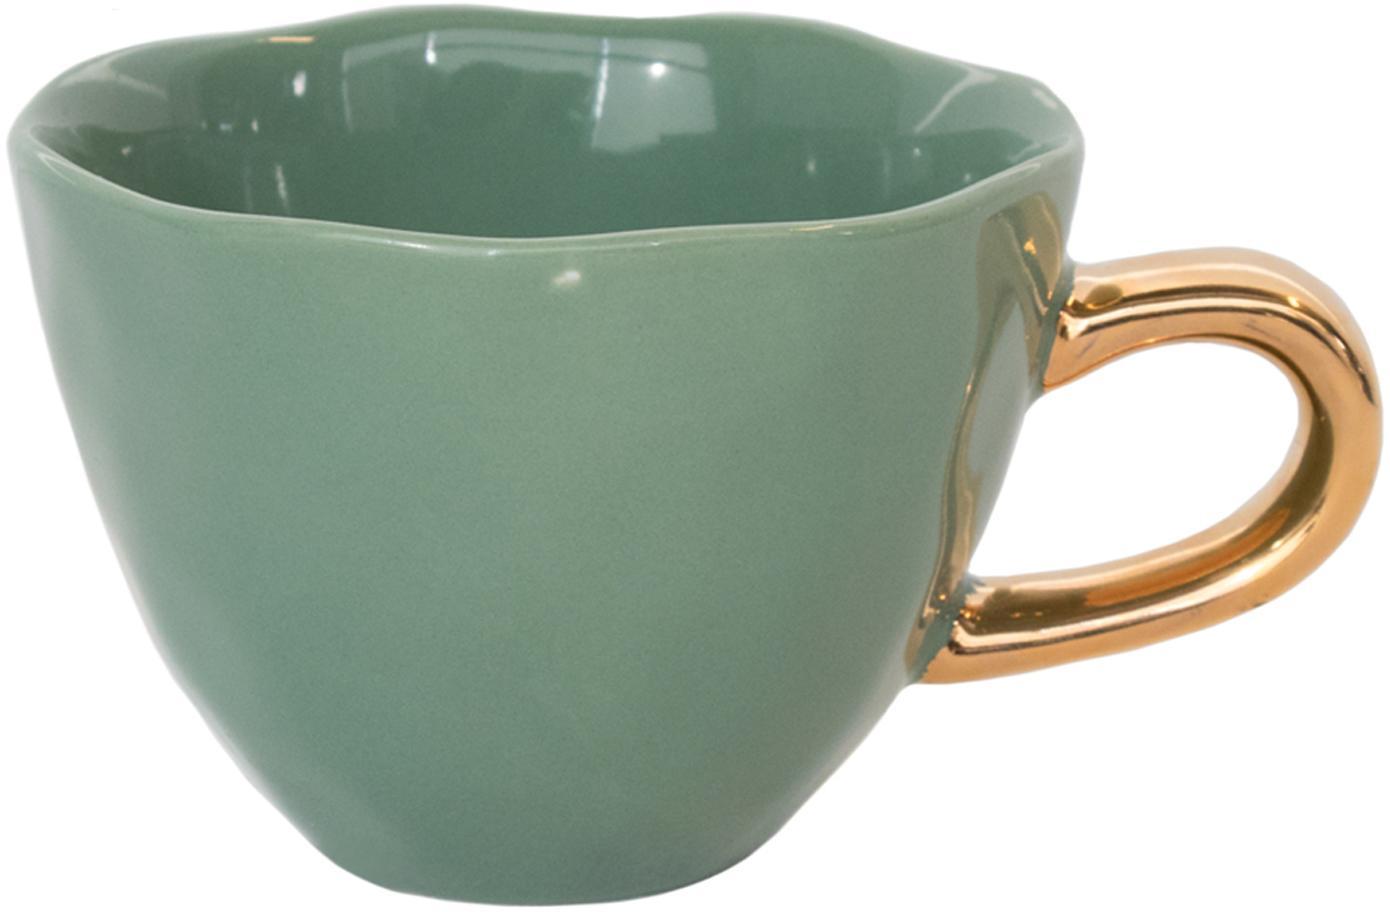 Filiżanka Good Morning, Kamionka, Ciemnyzielony, odcienie złotego, Ø 11 x W 8 cm